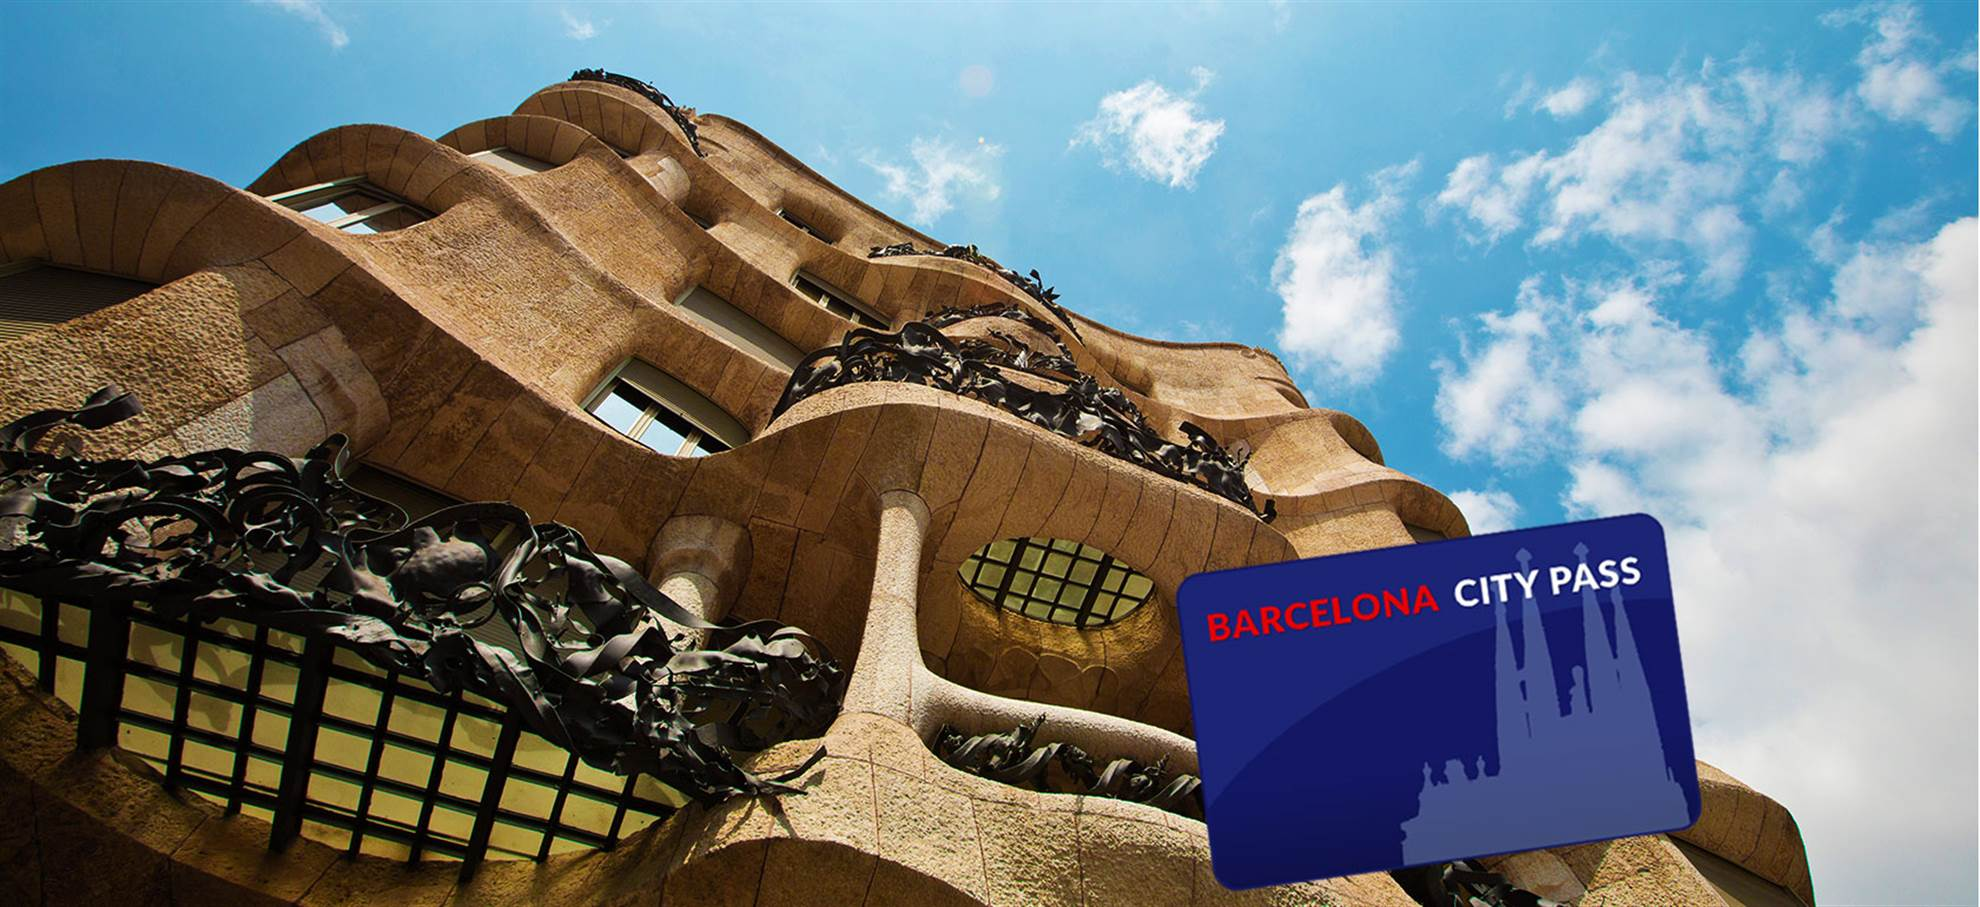 巴塞罗那城市一卡通 (包括圣家族大教堂登塔+语音导览, 古埃尔公园)